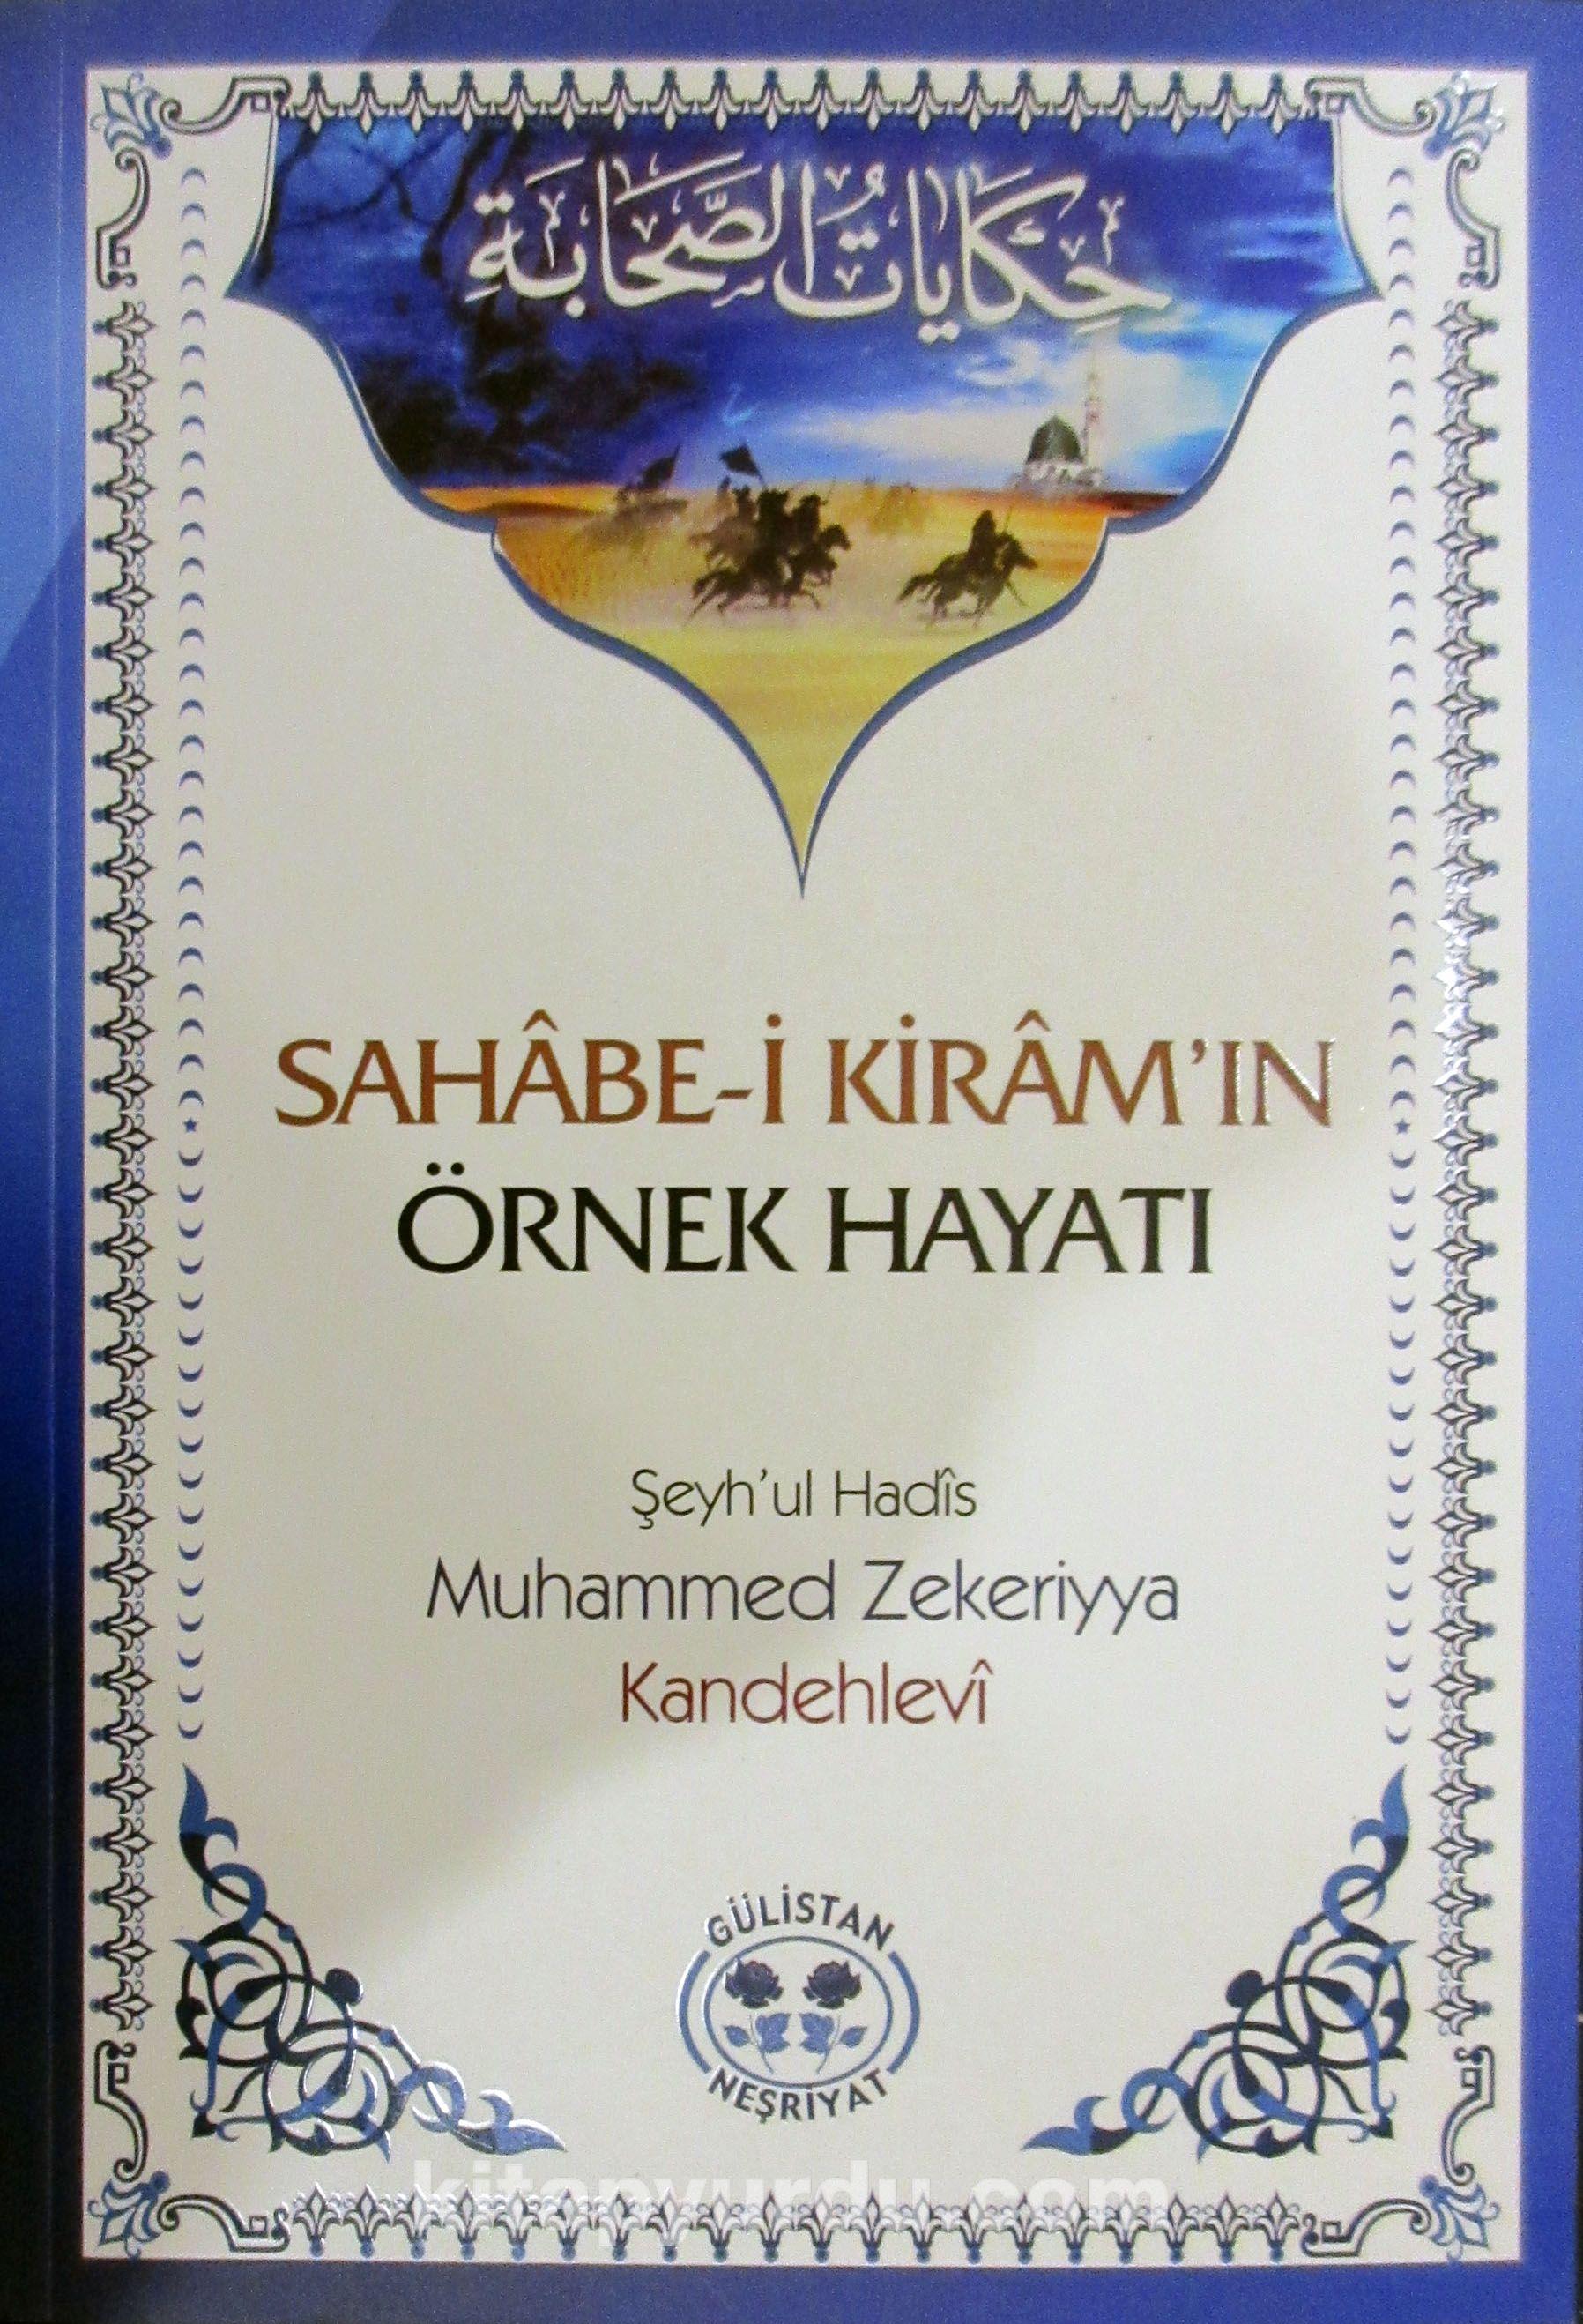 Sahabe-i Kiram'ın Örnek Hayatı - Muhammed Zekeriyya Kandehlevi pdf epub